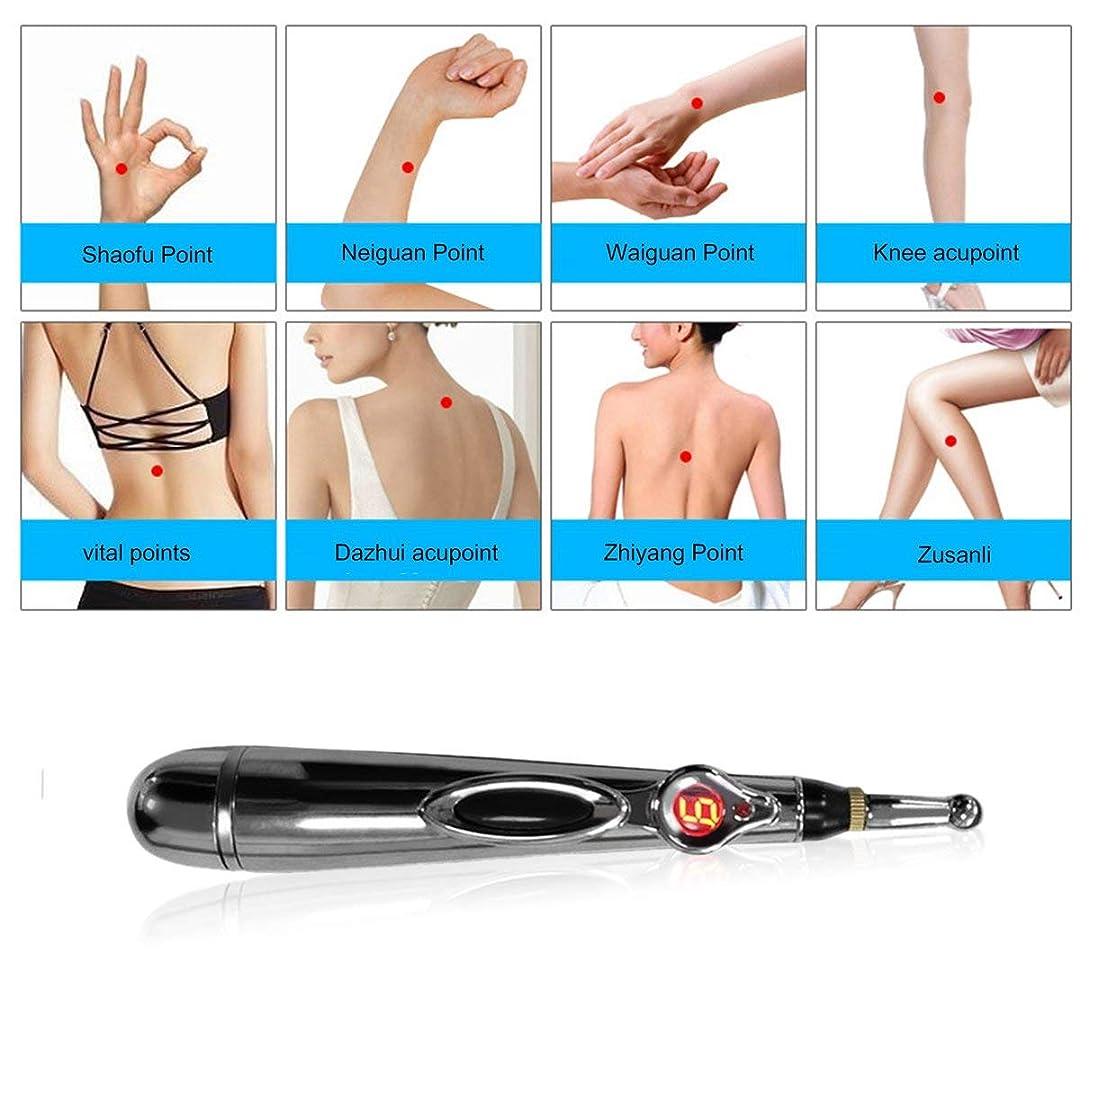 イル多様なズームインするW-912電気鍼治療ポイントマッサージペン痛み緩和療法電子子午線エネルギーペンマッサージボディヘッドネック脚